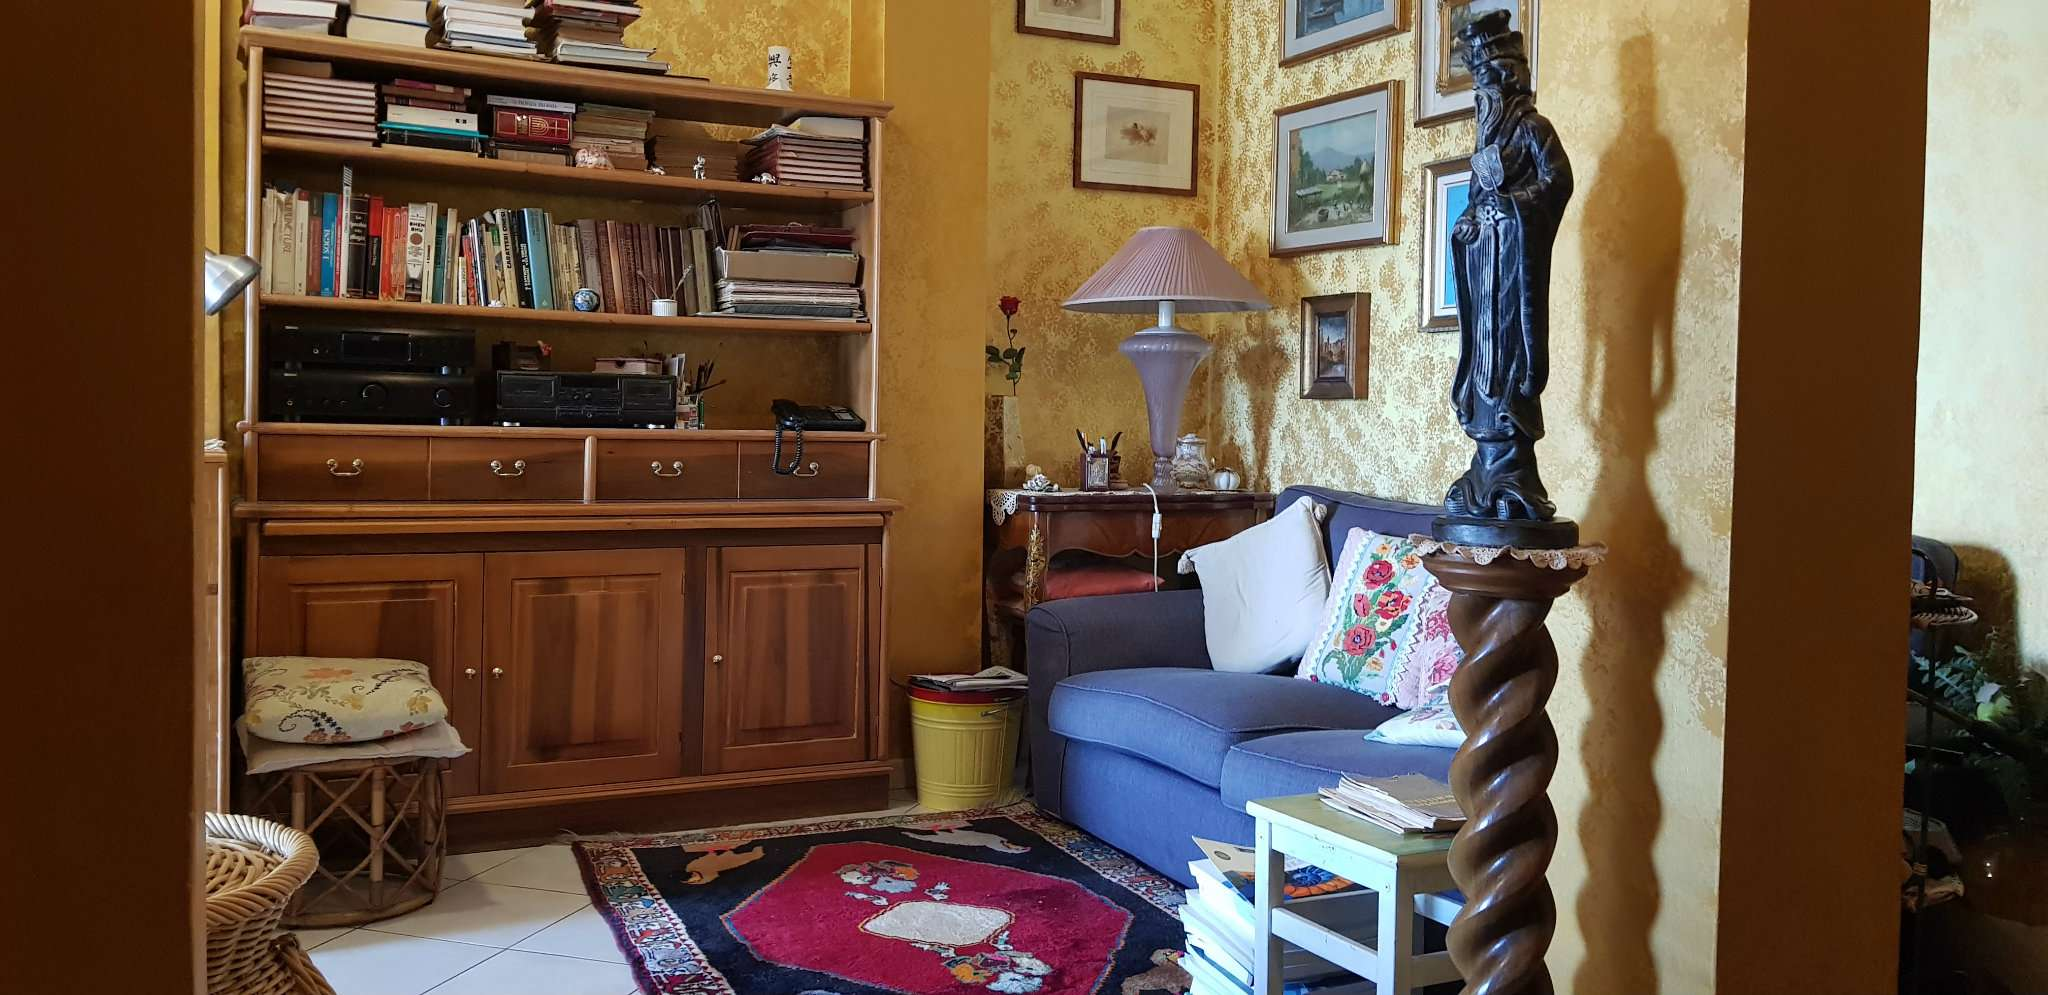 Vendita - Appartamento - Torino - PARELLA BILOCALE RISTRUTTURATO CON ASCENSORE EURO 99.000